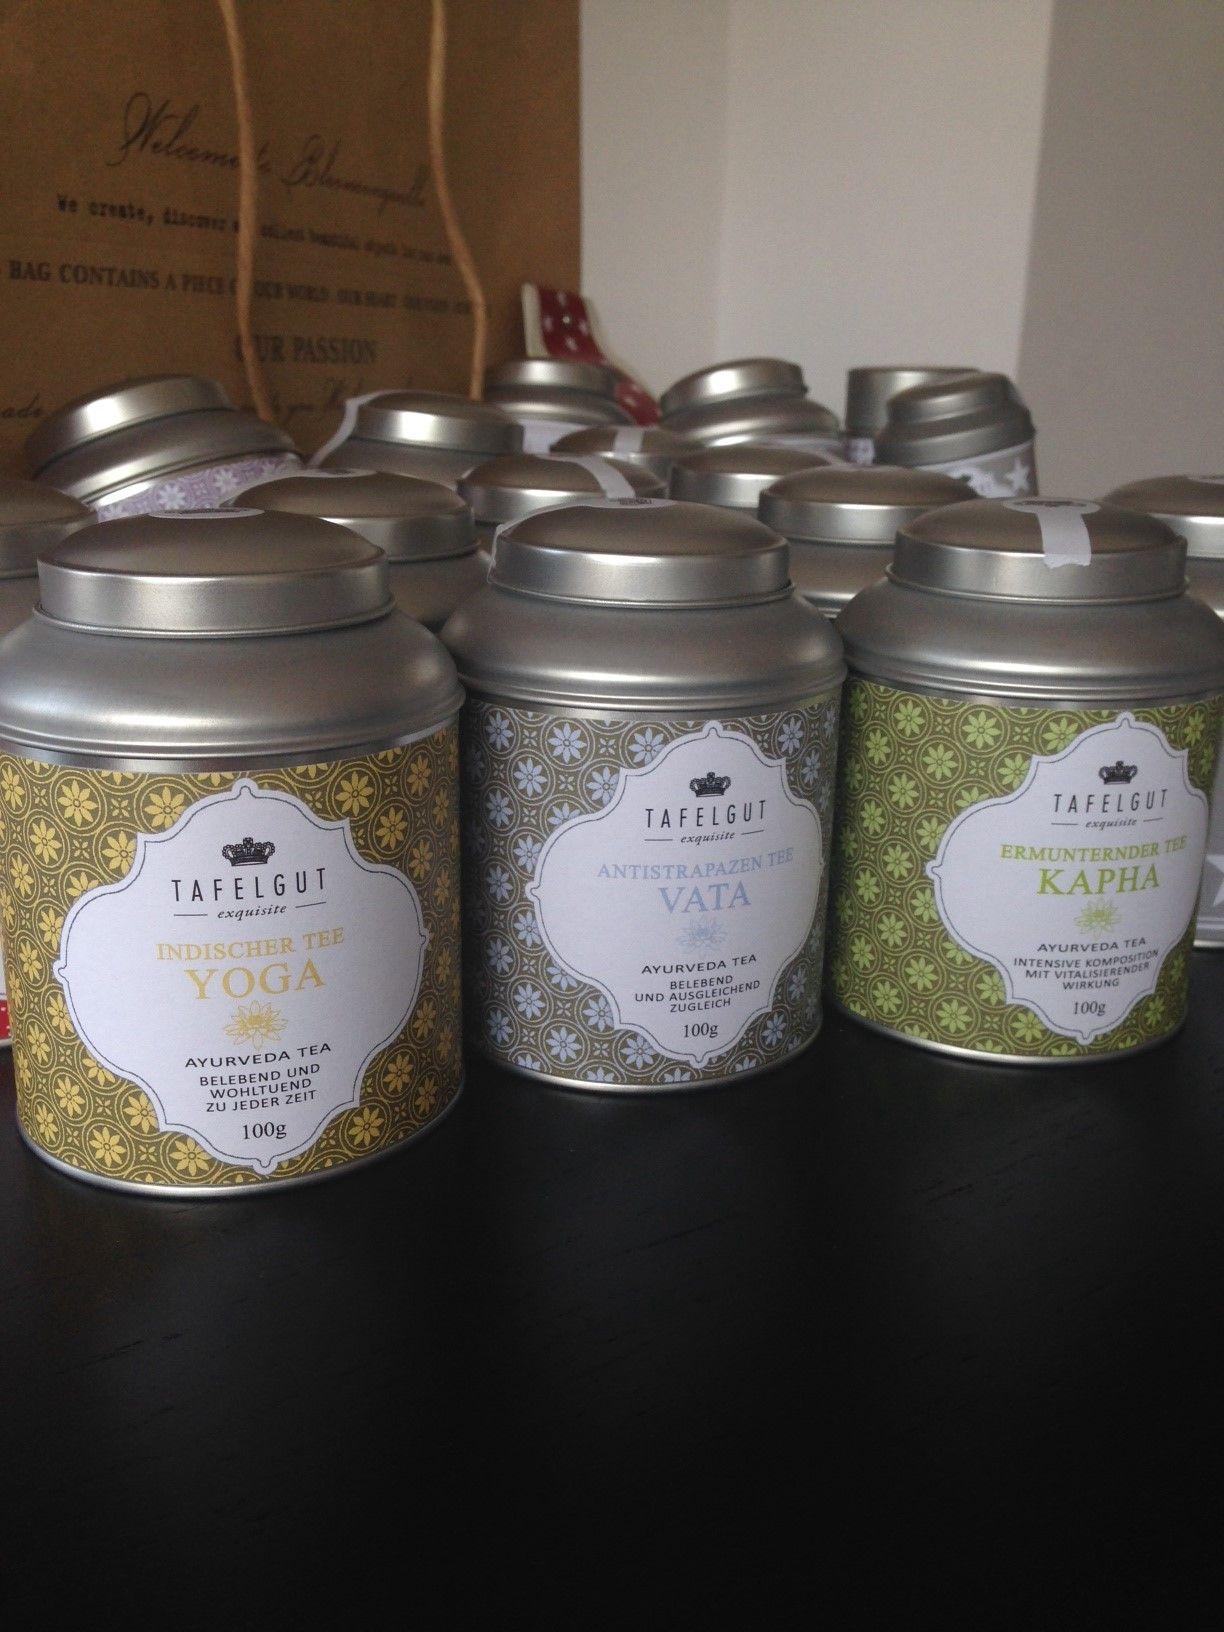 Byliiné ajurvédské čaje v dárkovém balení